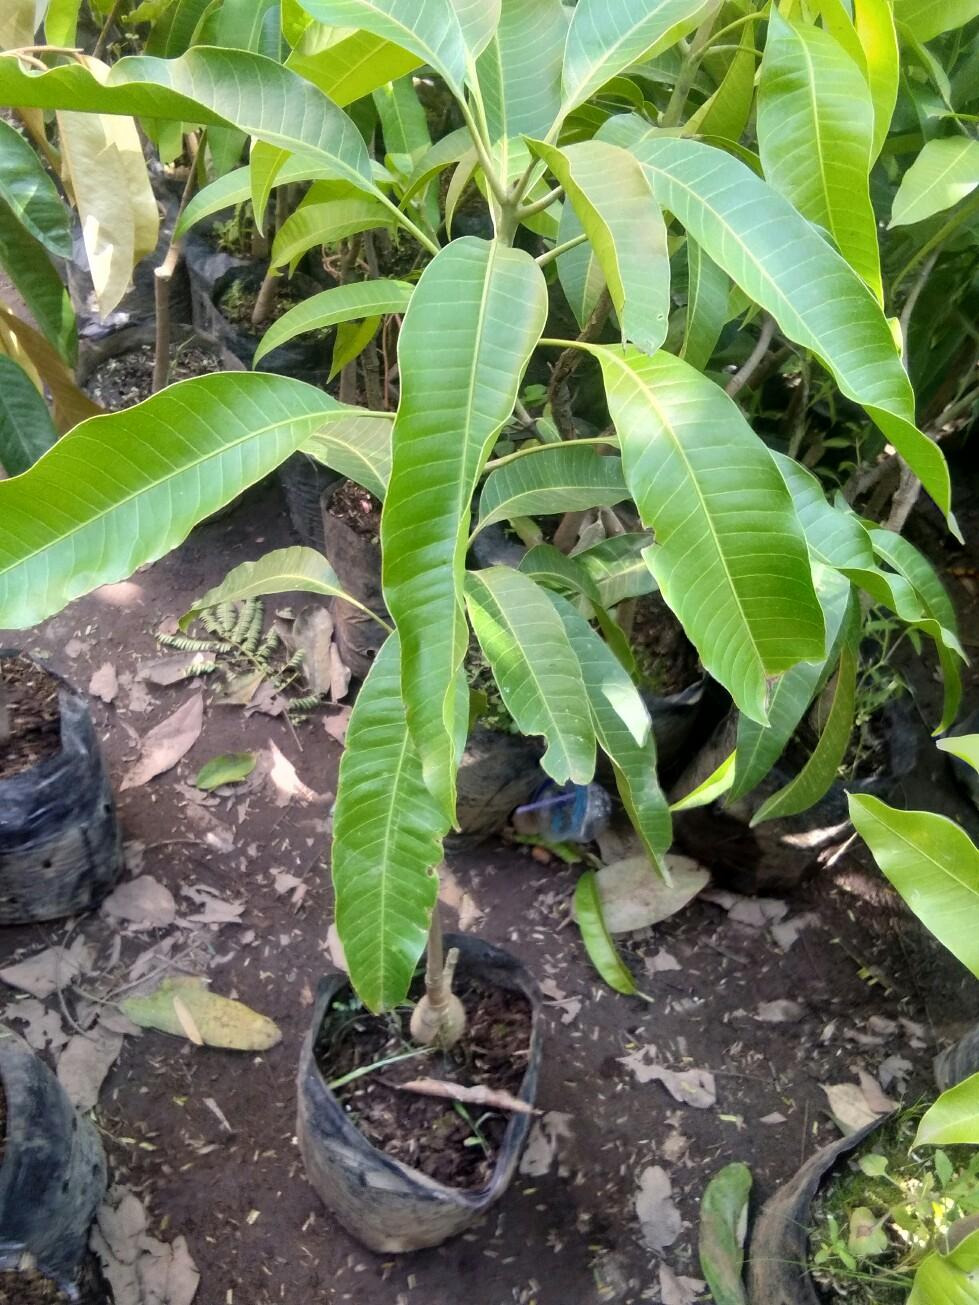 Jual bibit tanaman buah Mangga yuwen